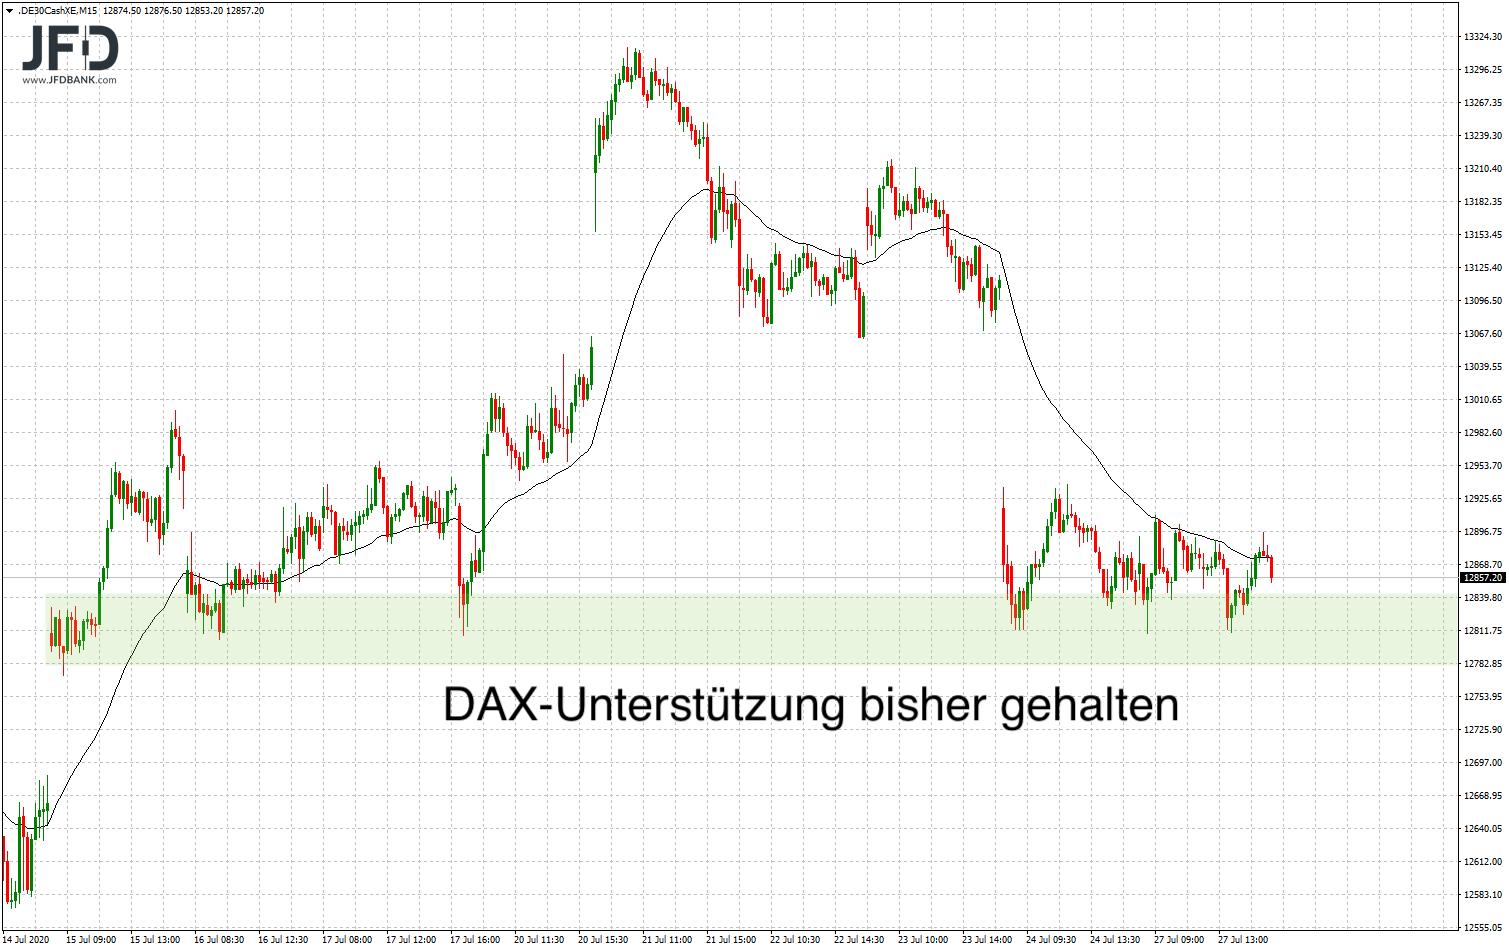 DAX-Unterstützung